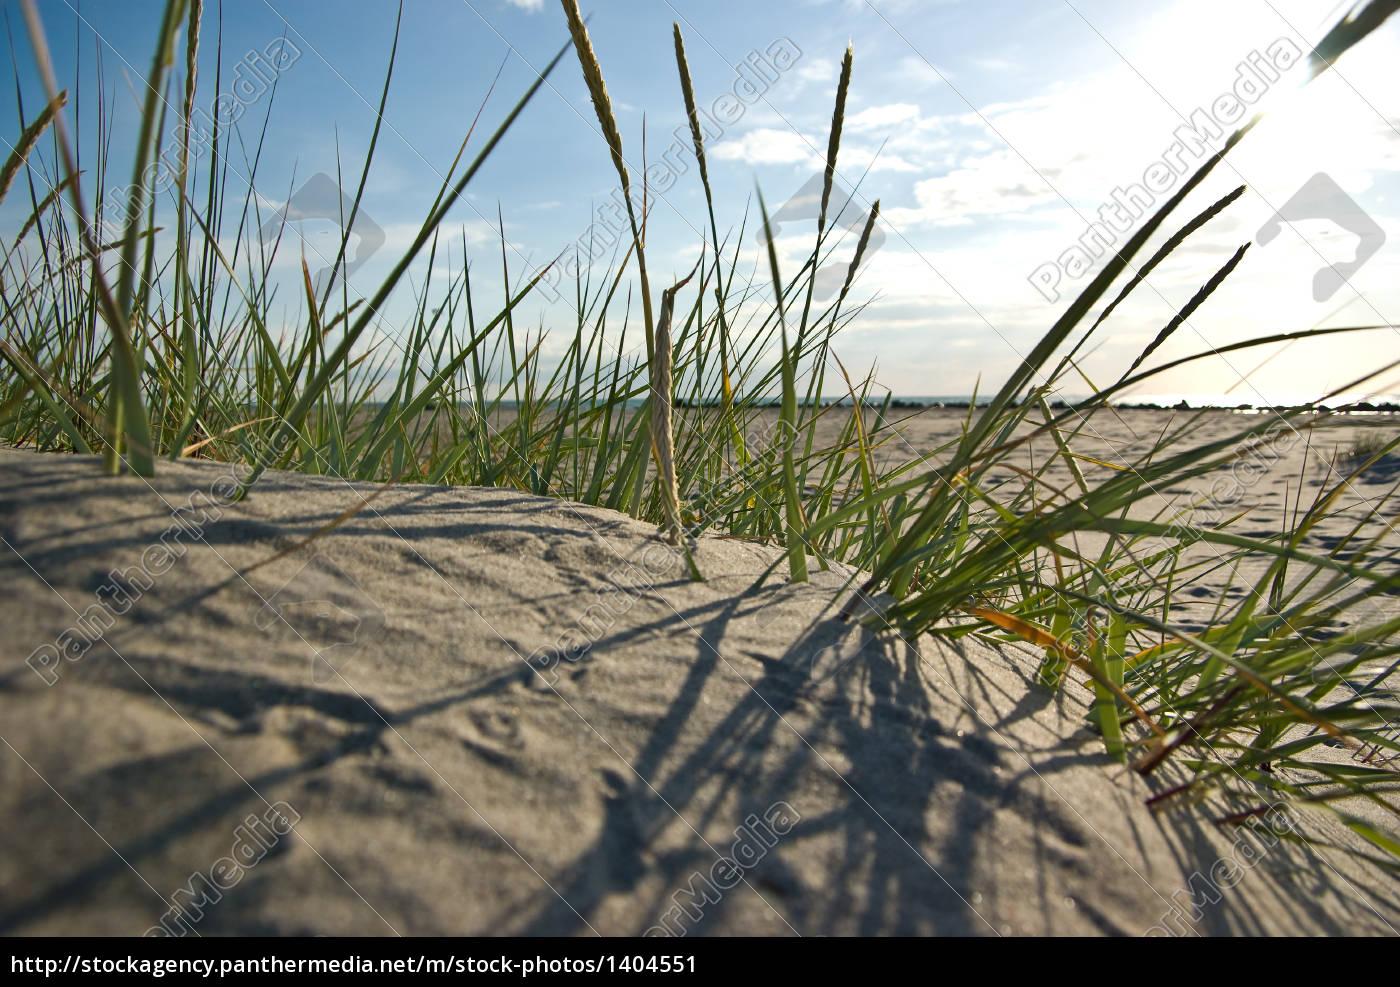 sunset, at, ahrenshooper, beach - 1404551